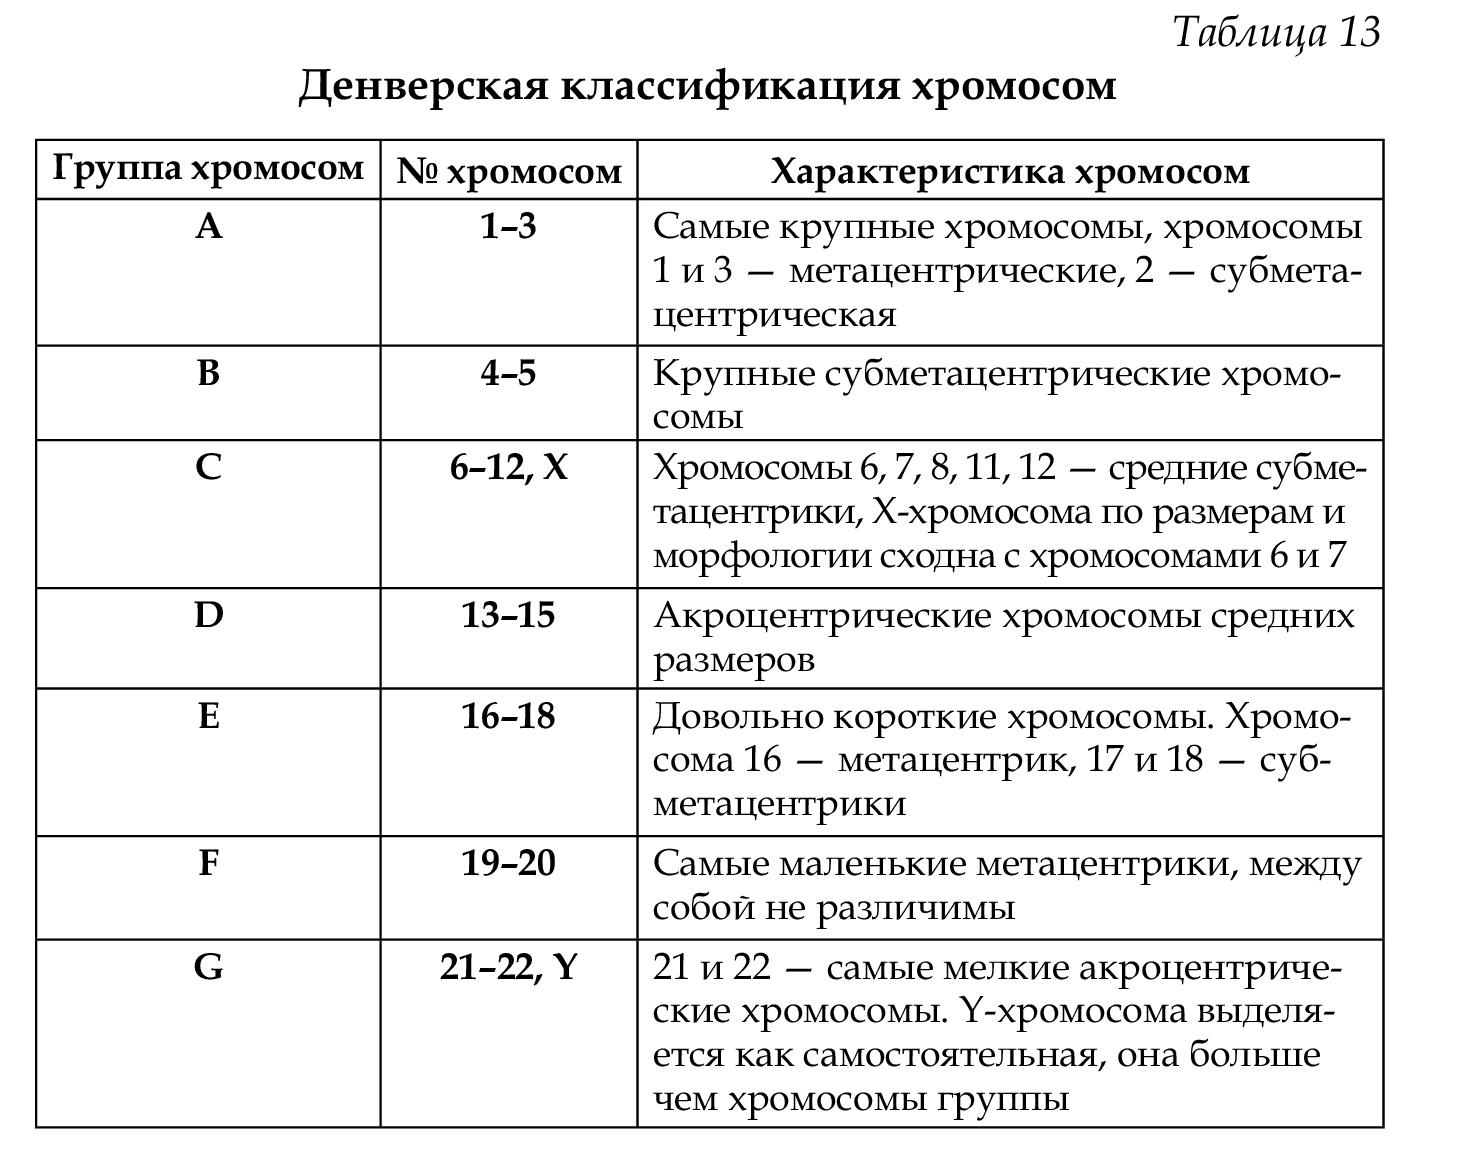 Патология хромосомы группы с что это значит